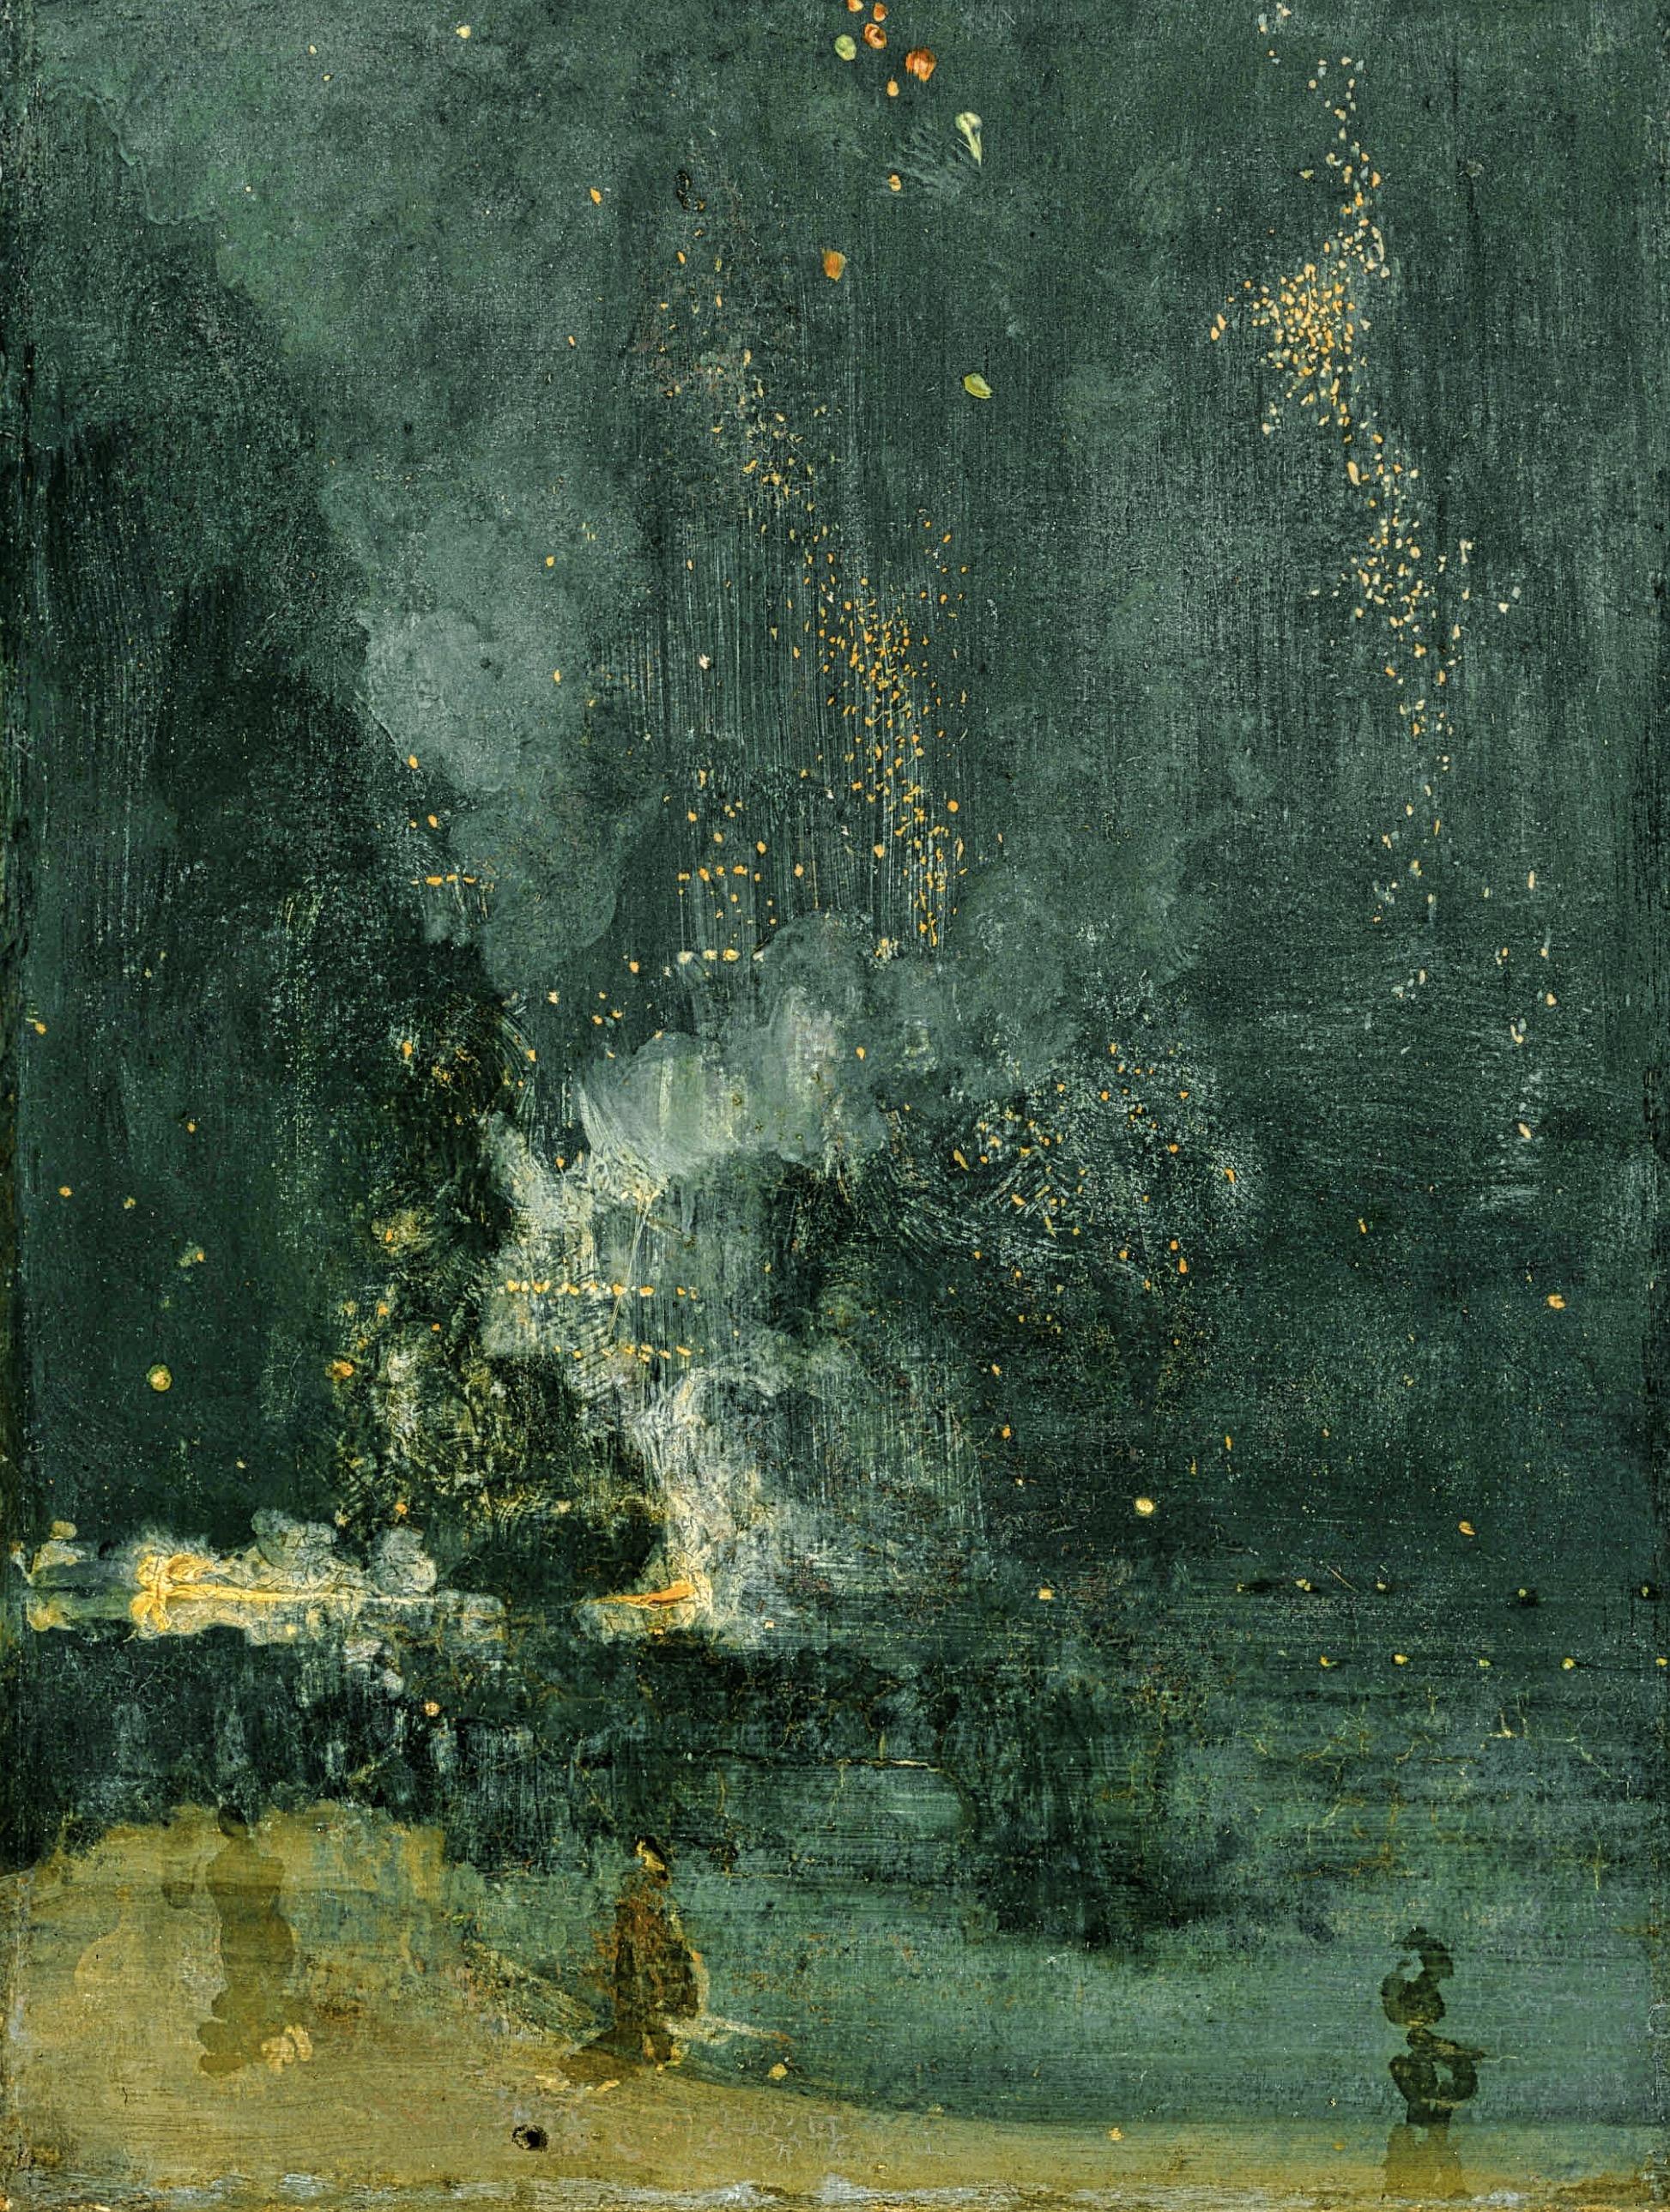 James Abbott McNeill Whistler Nocturne en noir et or. CLIQUER POUR AGRANDIR